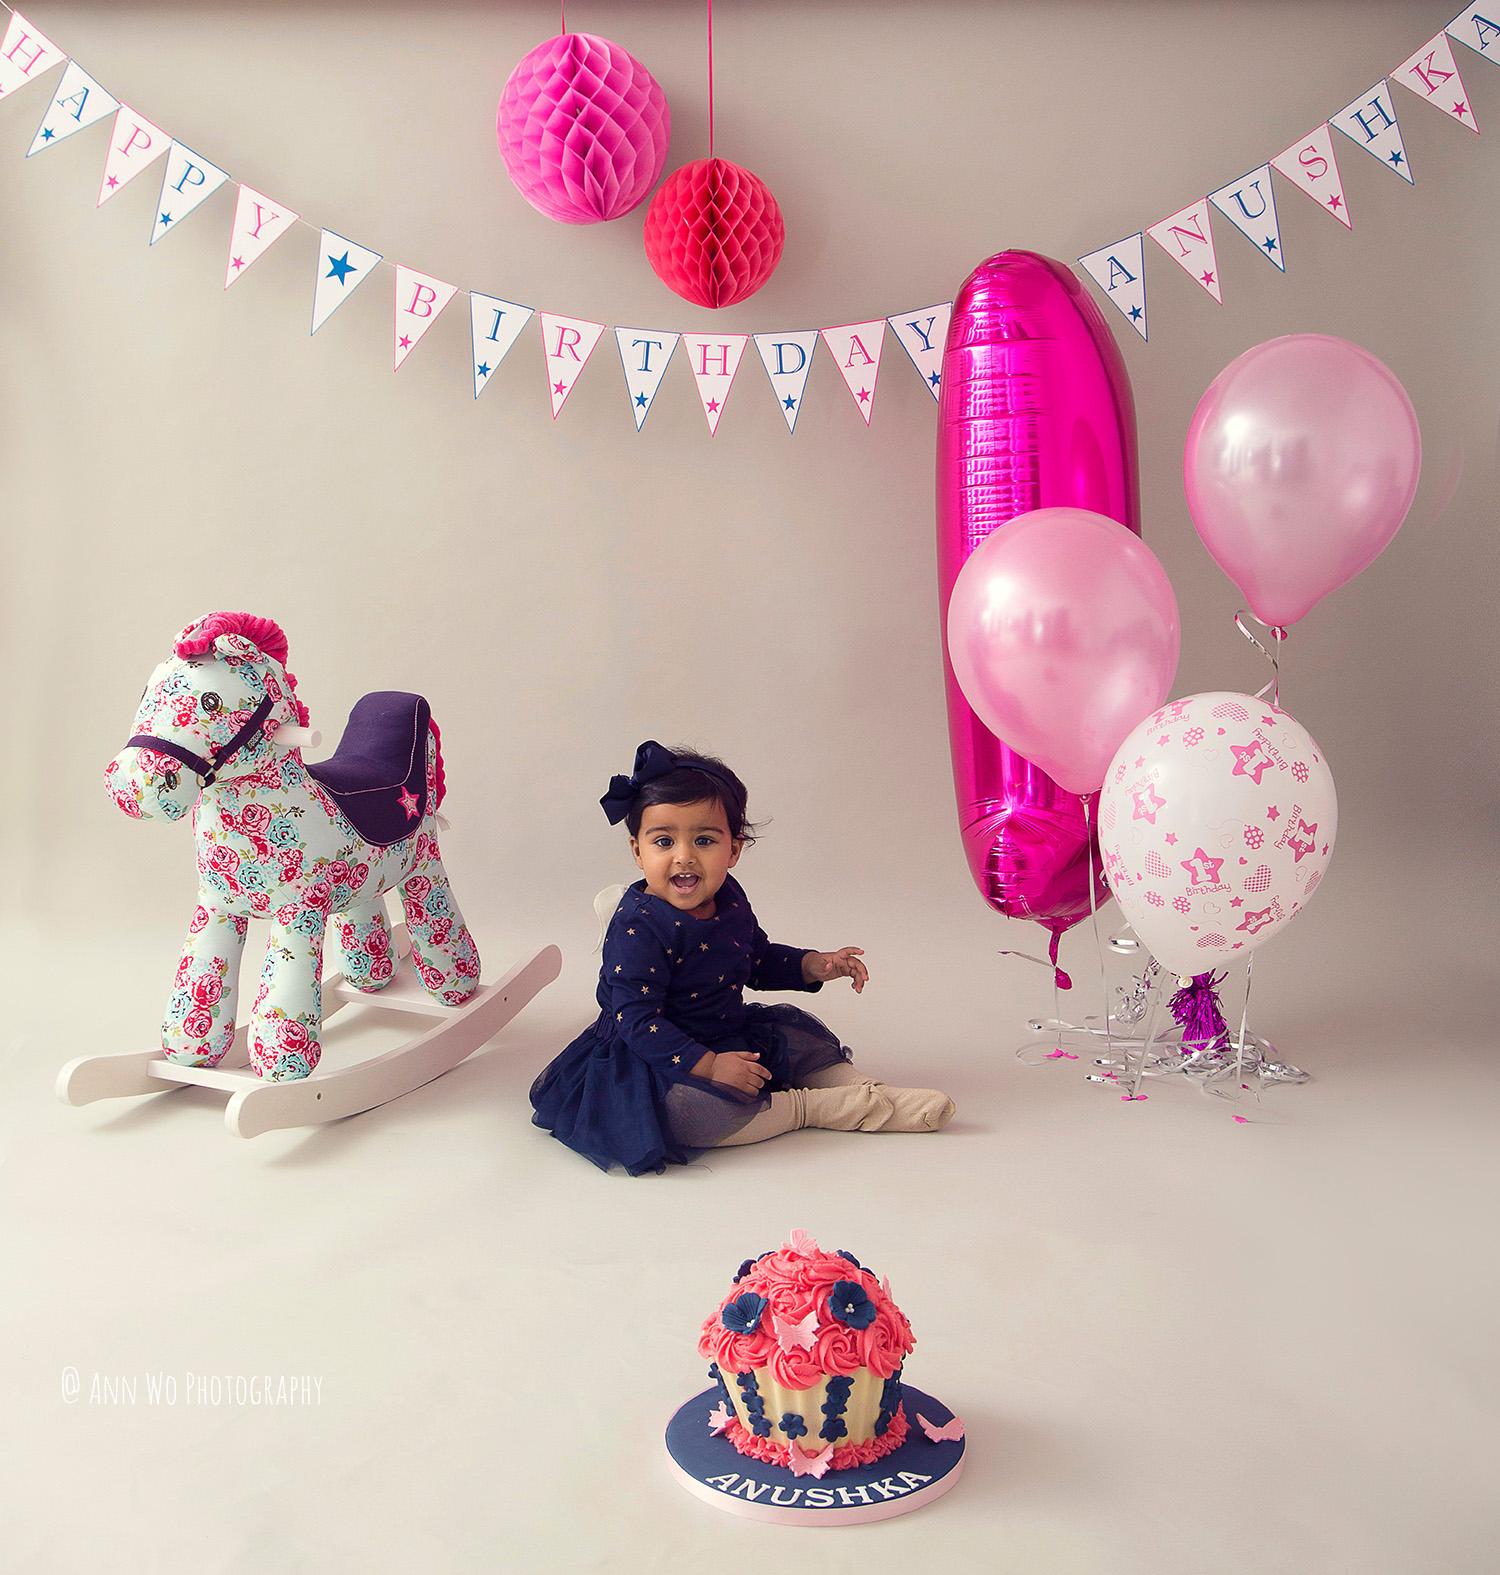 cake-smash-ann-wo-photography-london-027.jpg